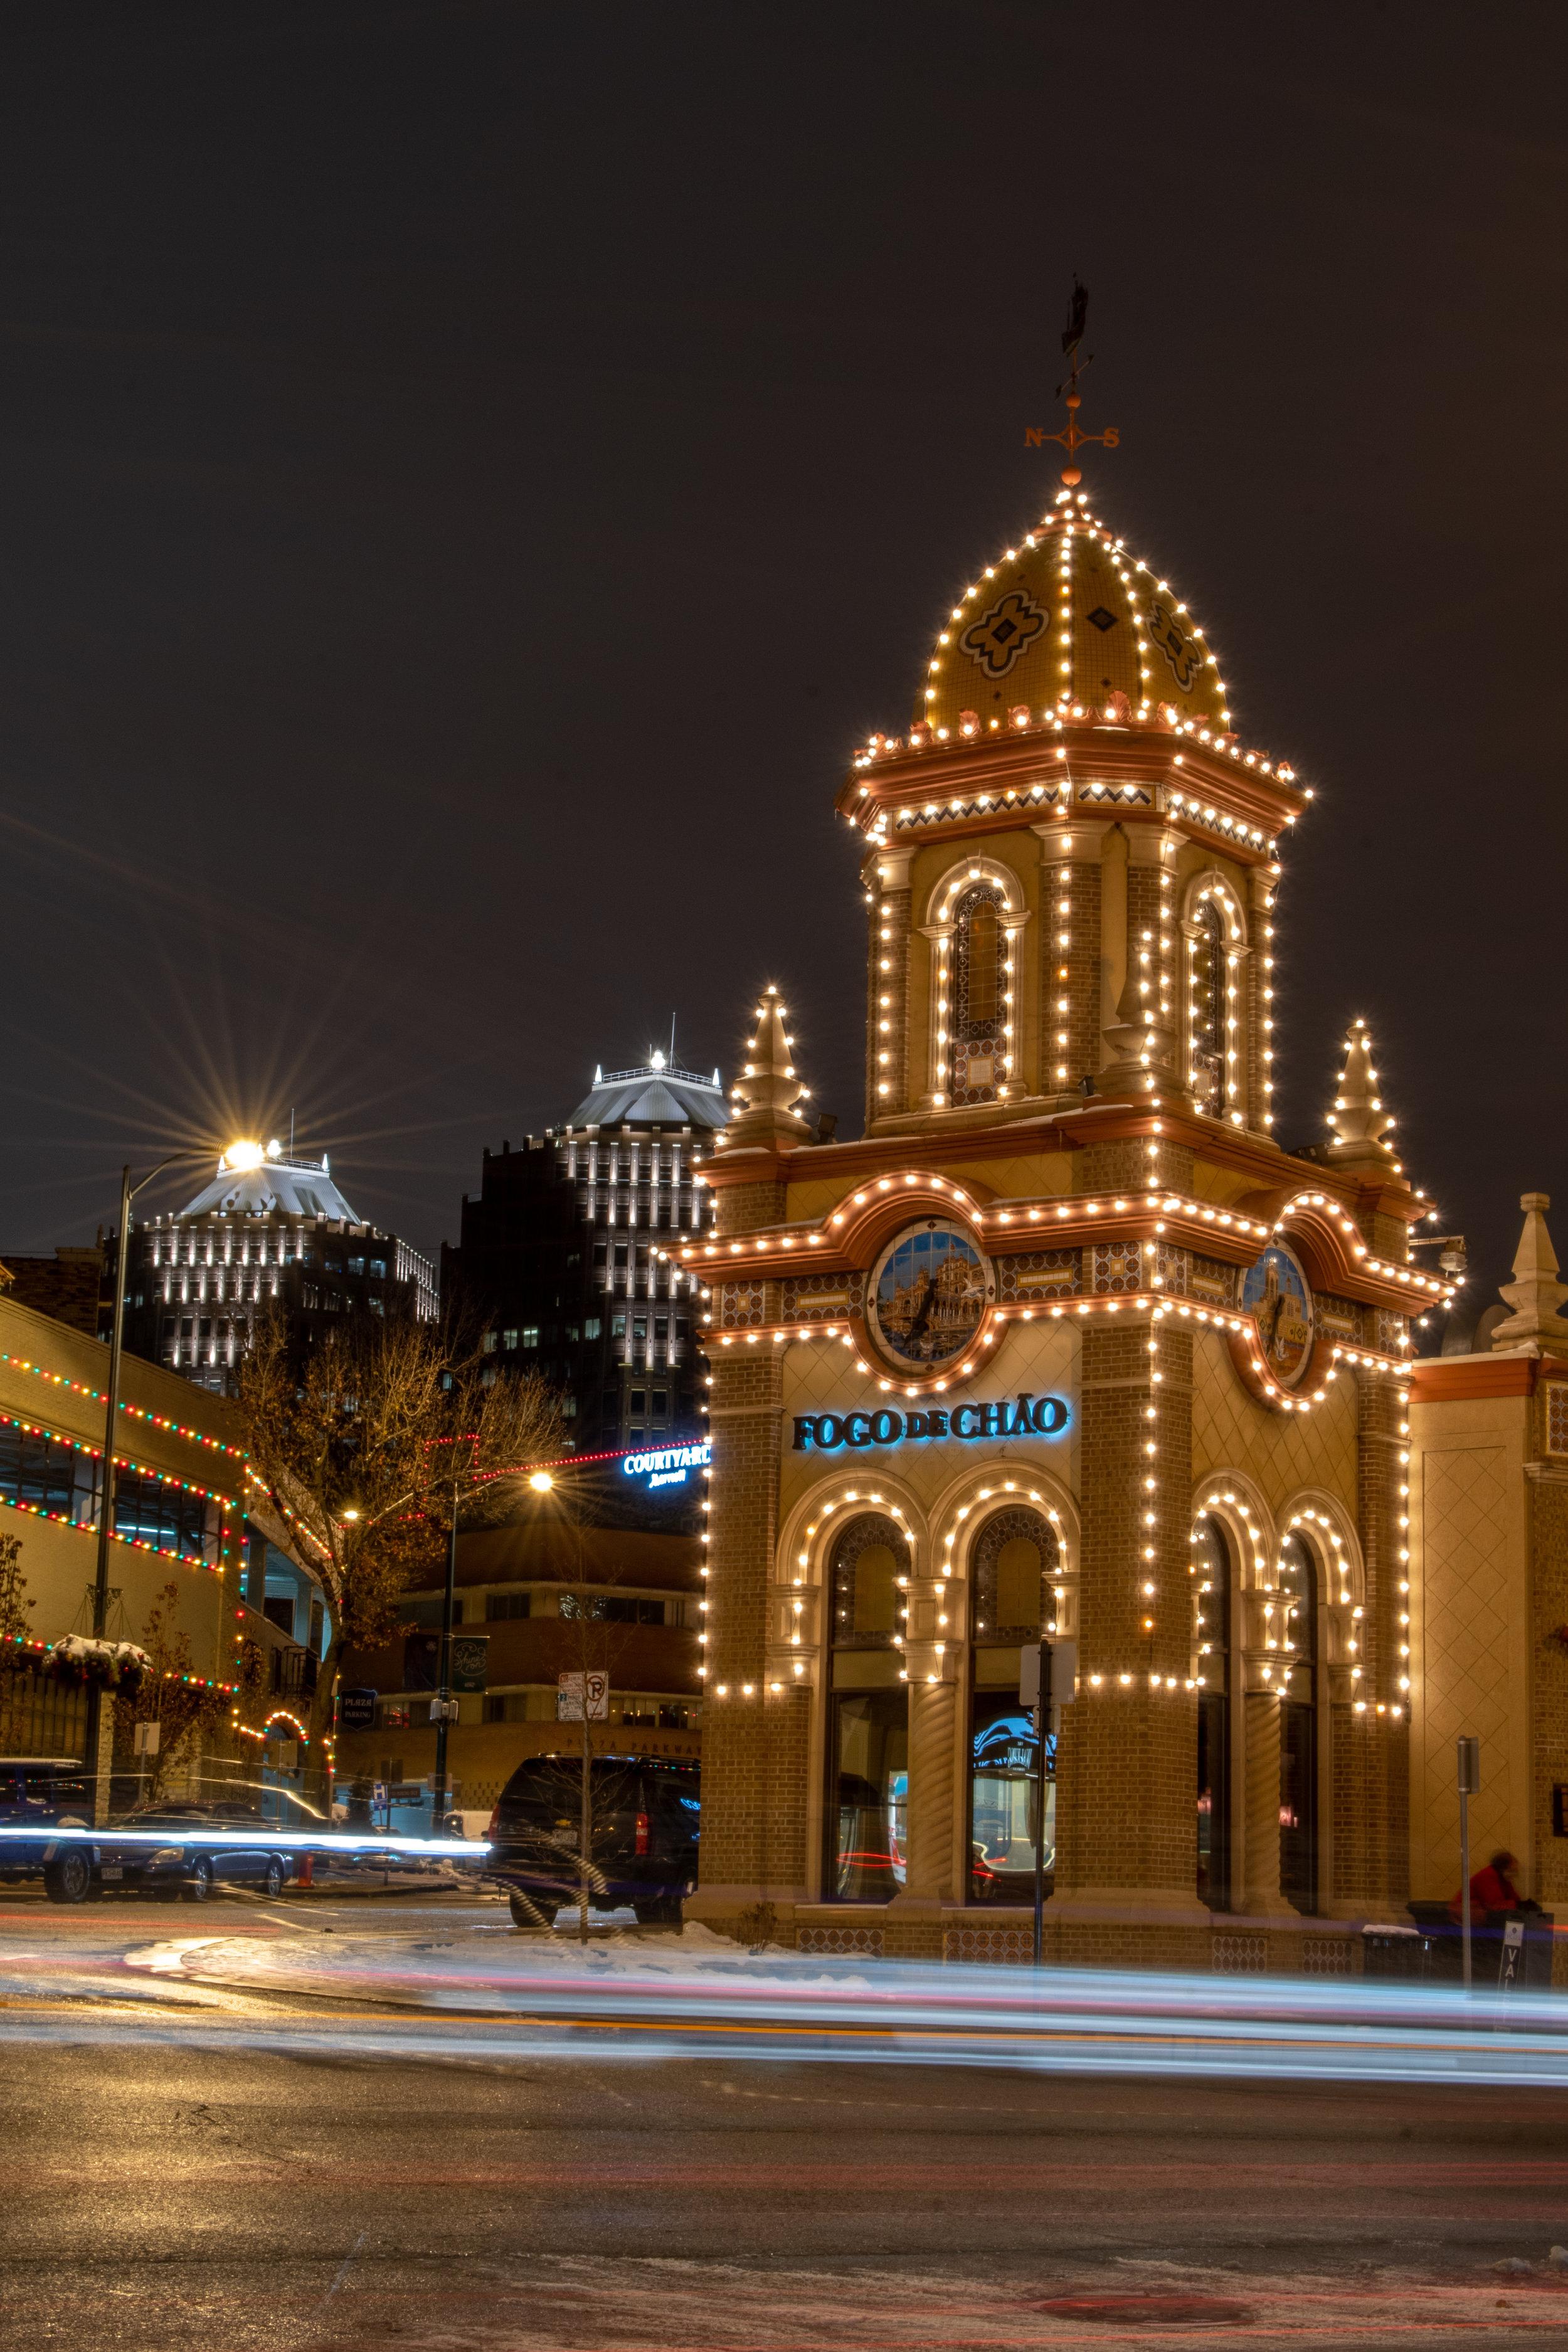 christmas-in-kansas-city-33-of-70_46075478541_o.jpg